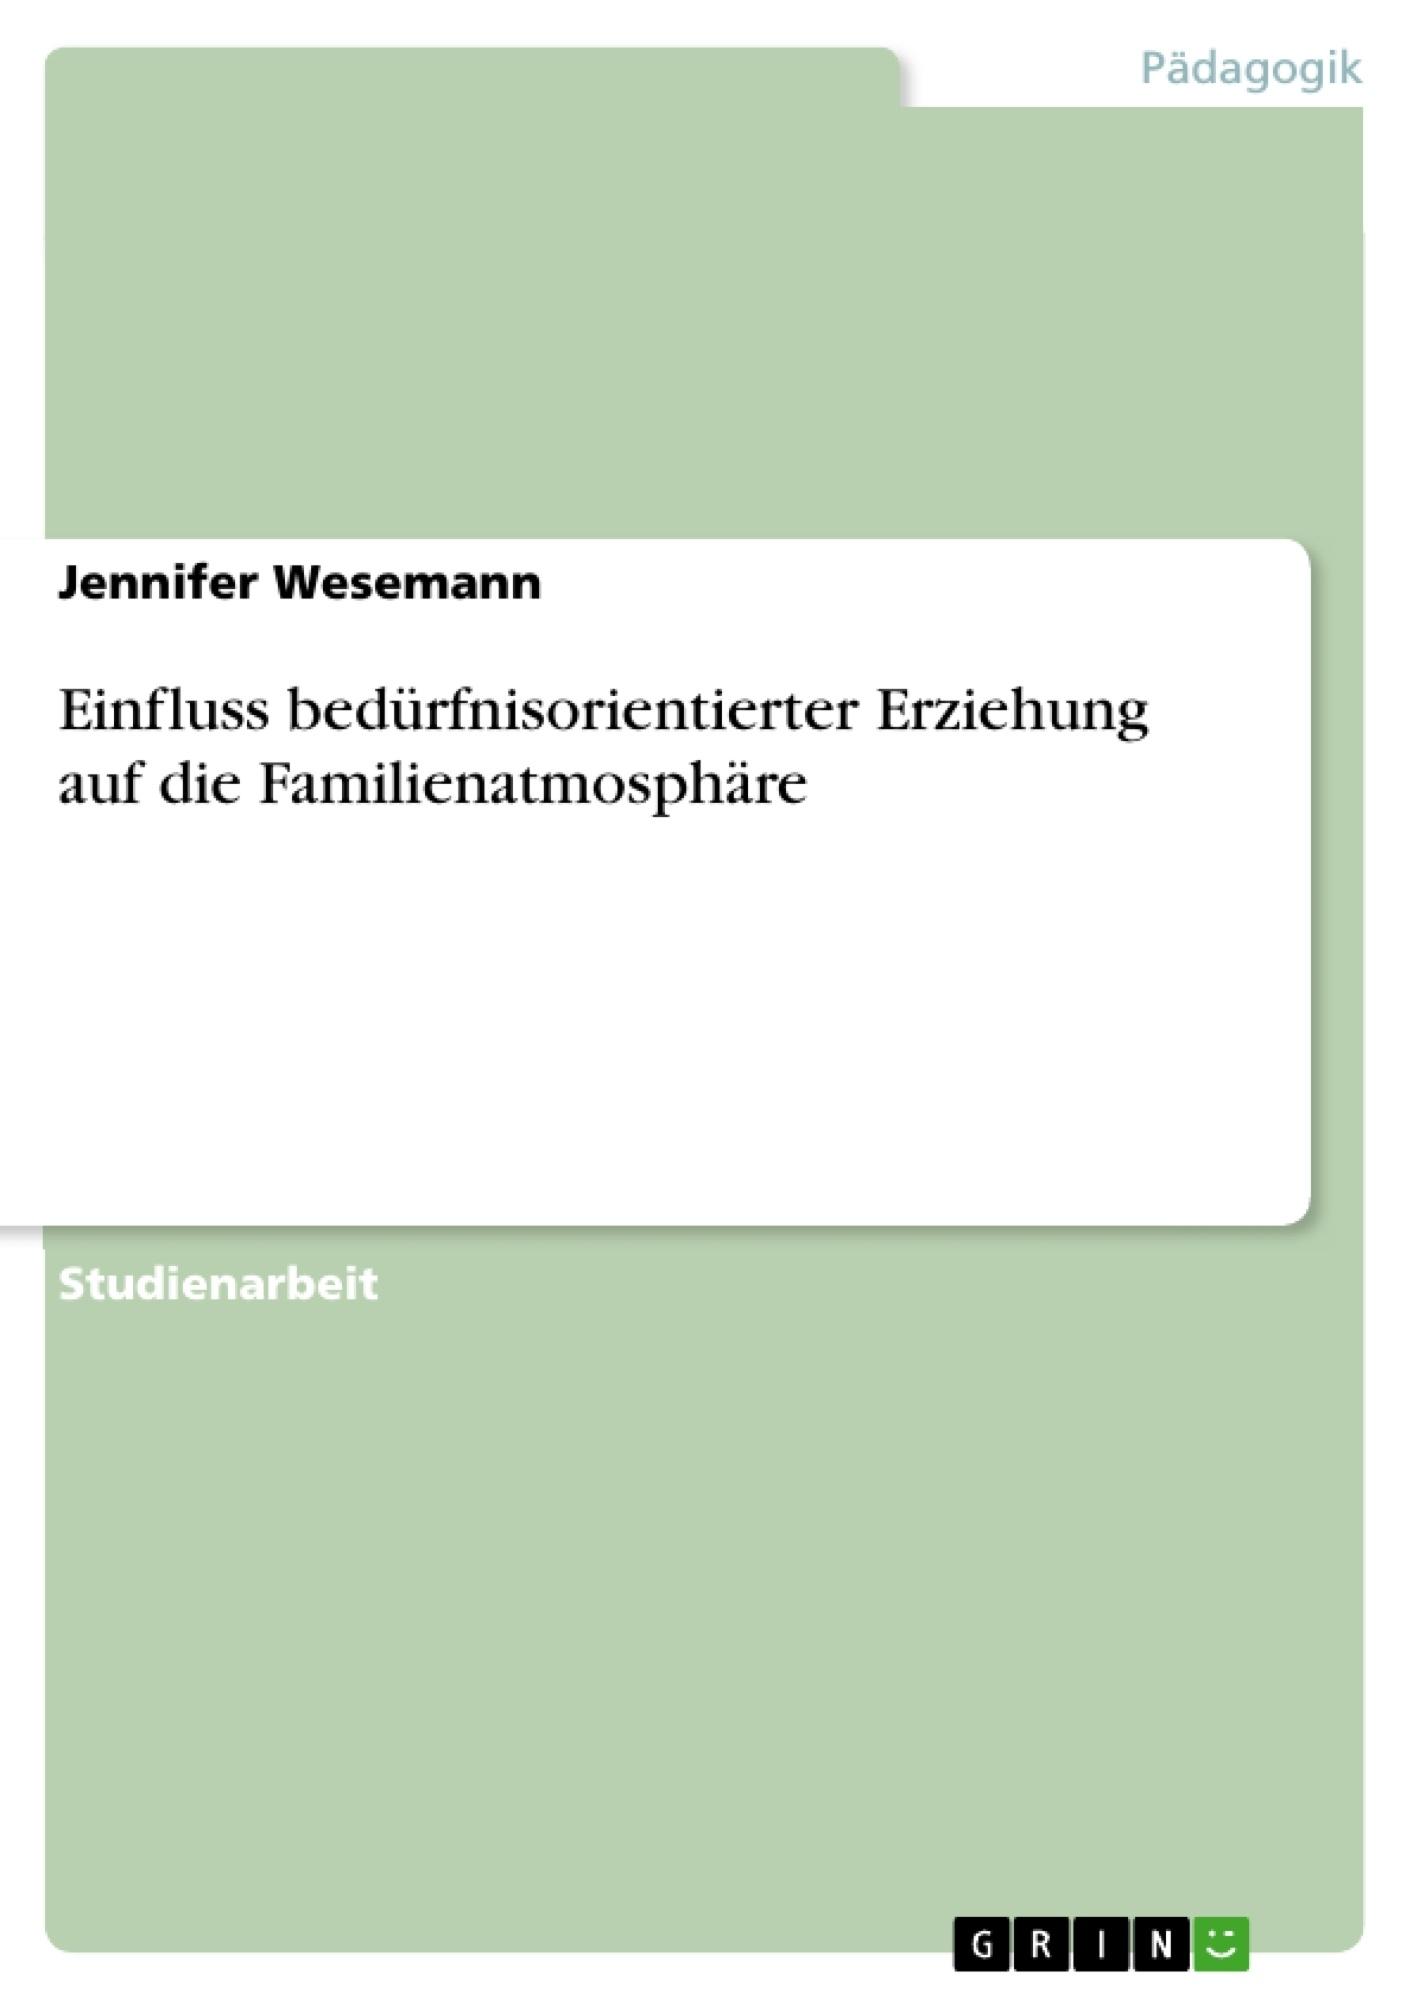 Titel: Einfluss bedürfnisorientierter Erziehung auf die Familienatmosphäre